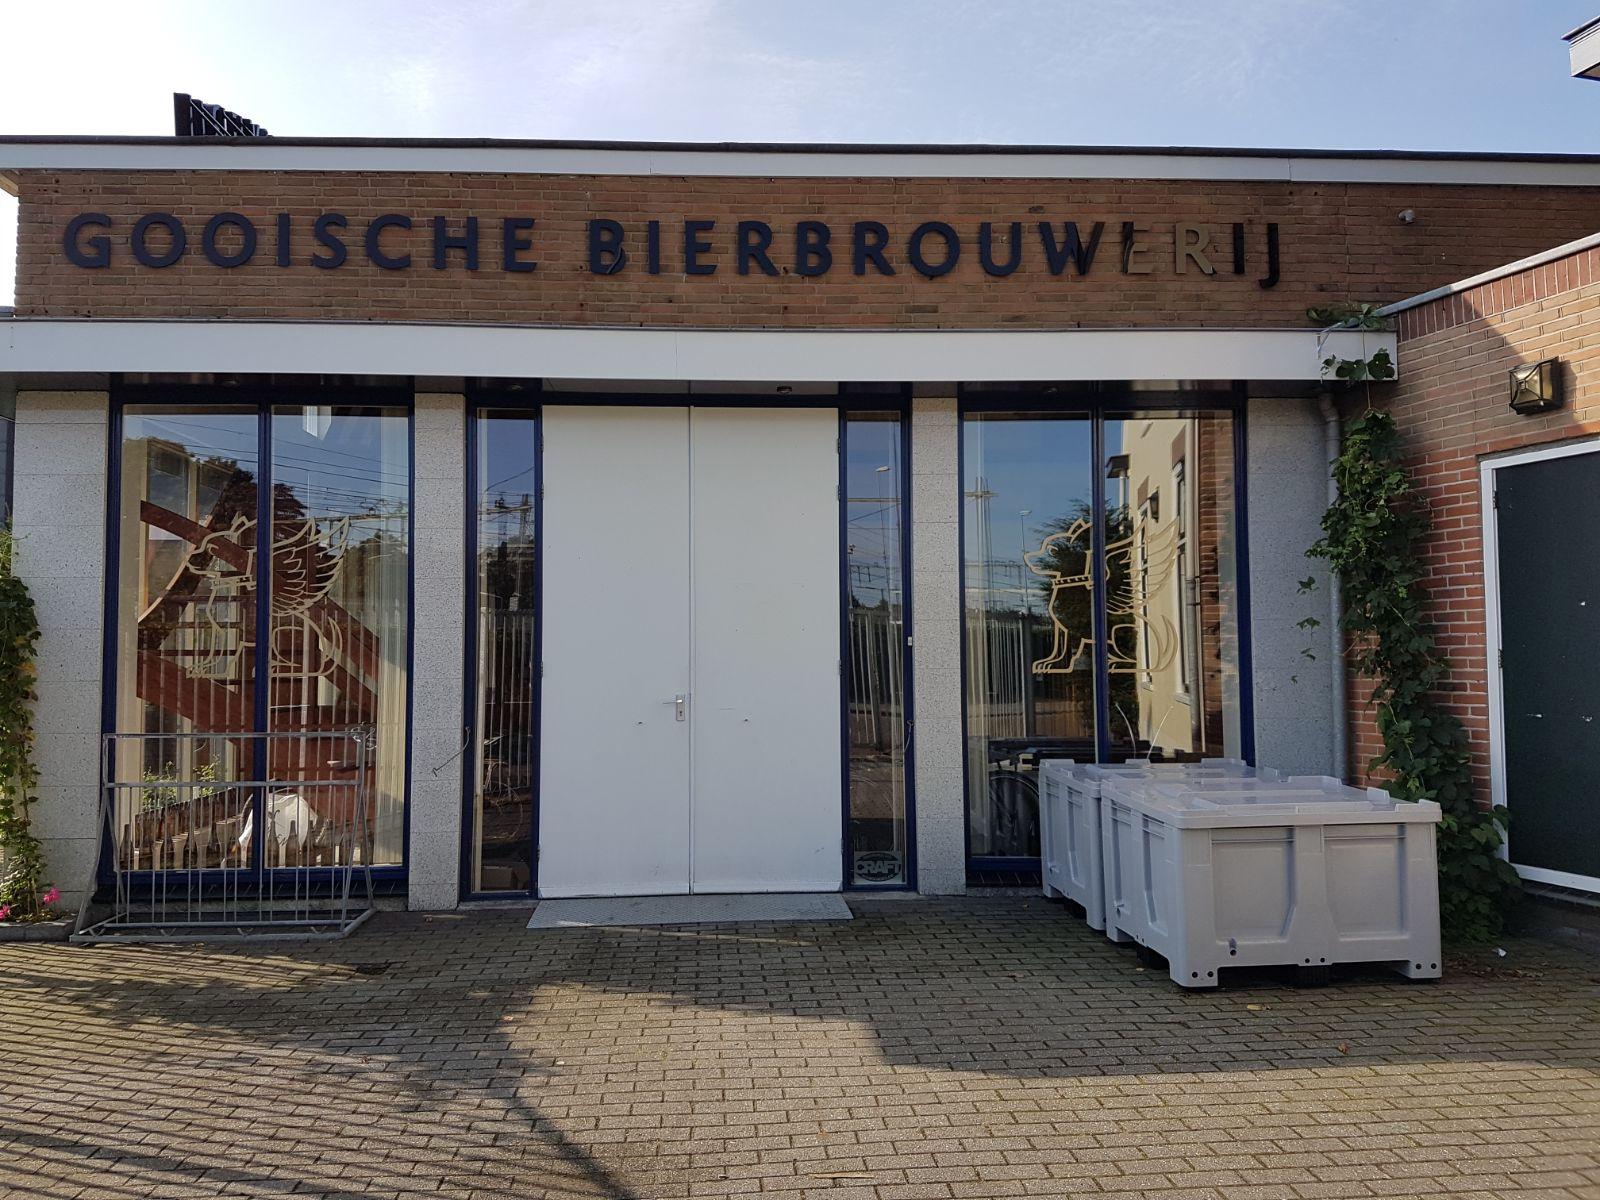 <p>Opslag van de Gooische Bierbrouwerij, gelegen aan het Wandelpad 28 in Hilversum (2017)</p>